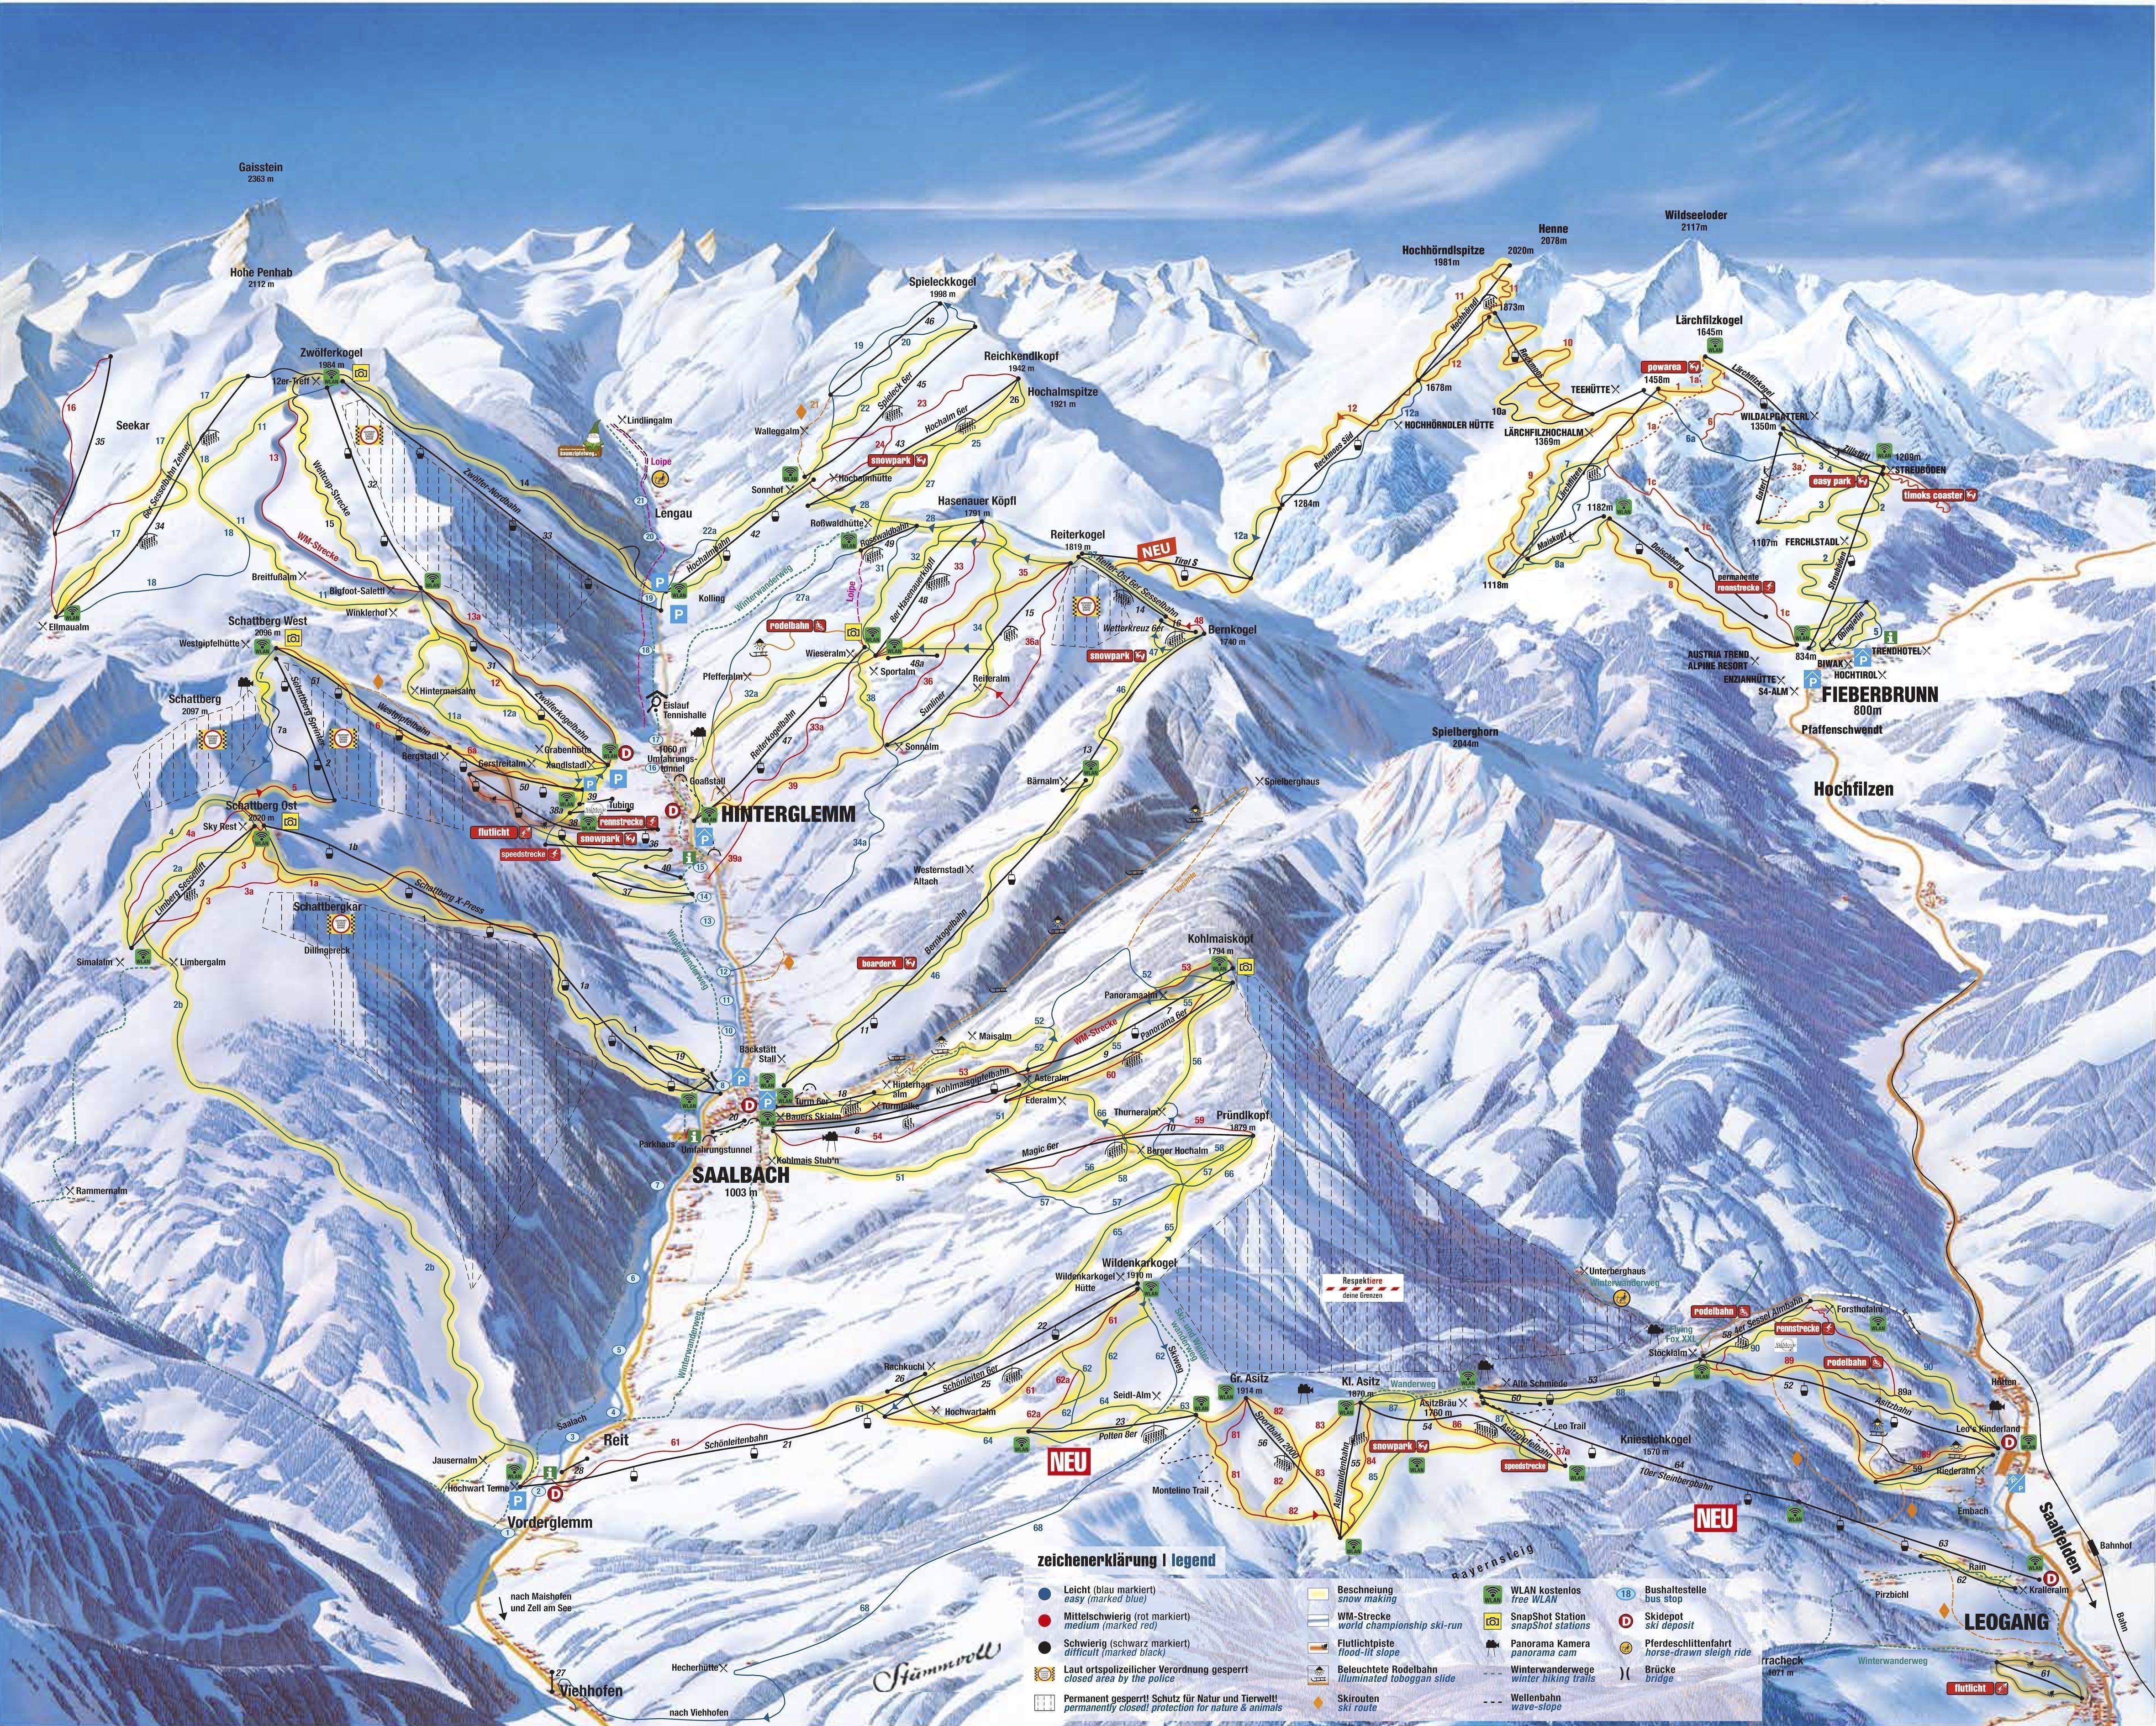 Pistekaart Skicircus Saalbach Hinterglemm Oostenrijk